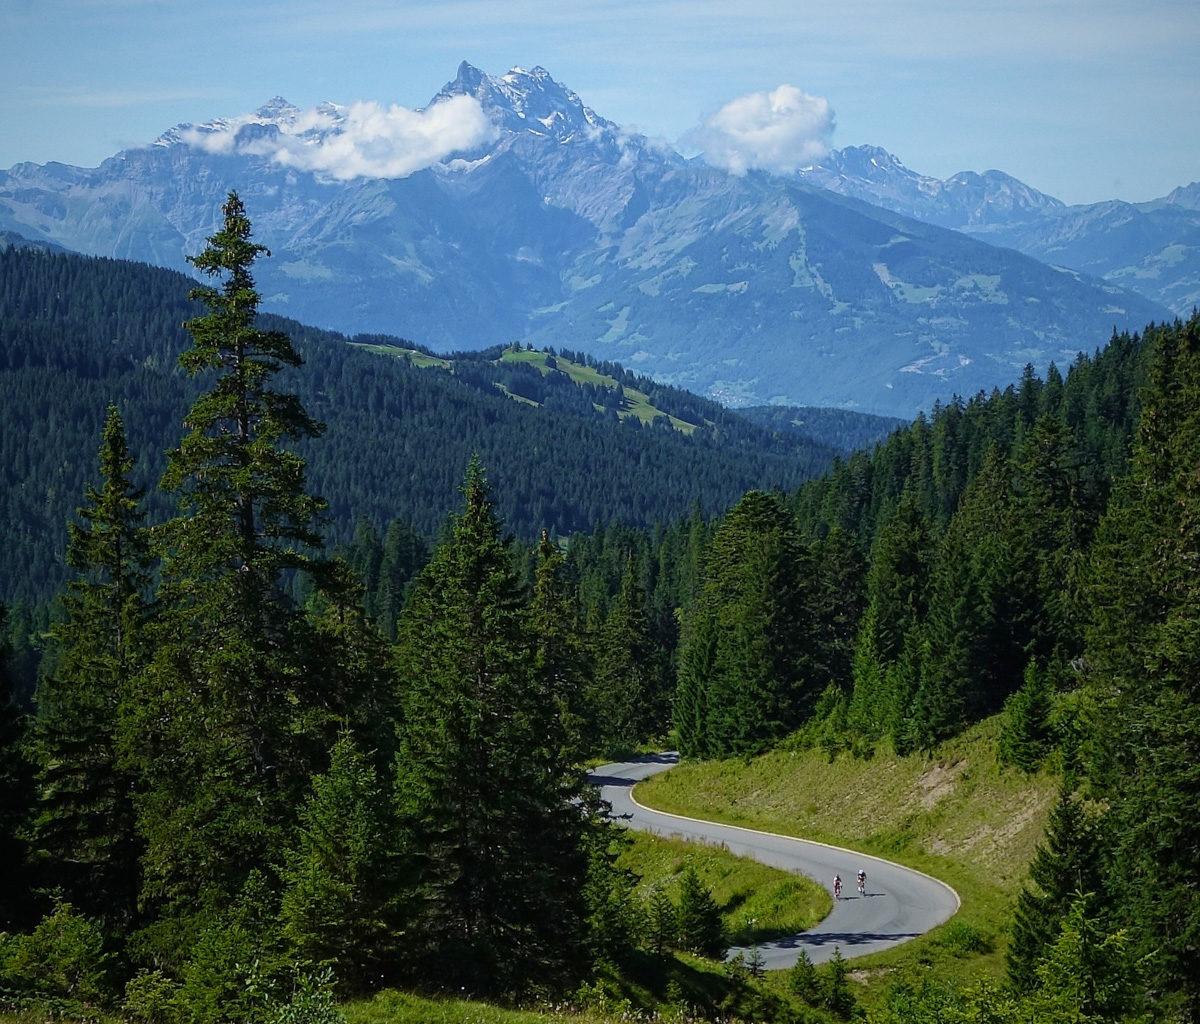 Top of Col de la Croix